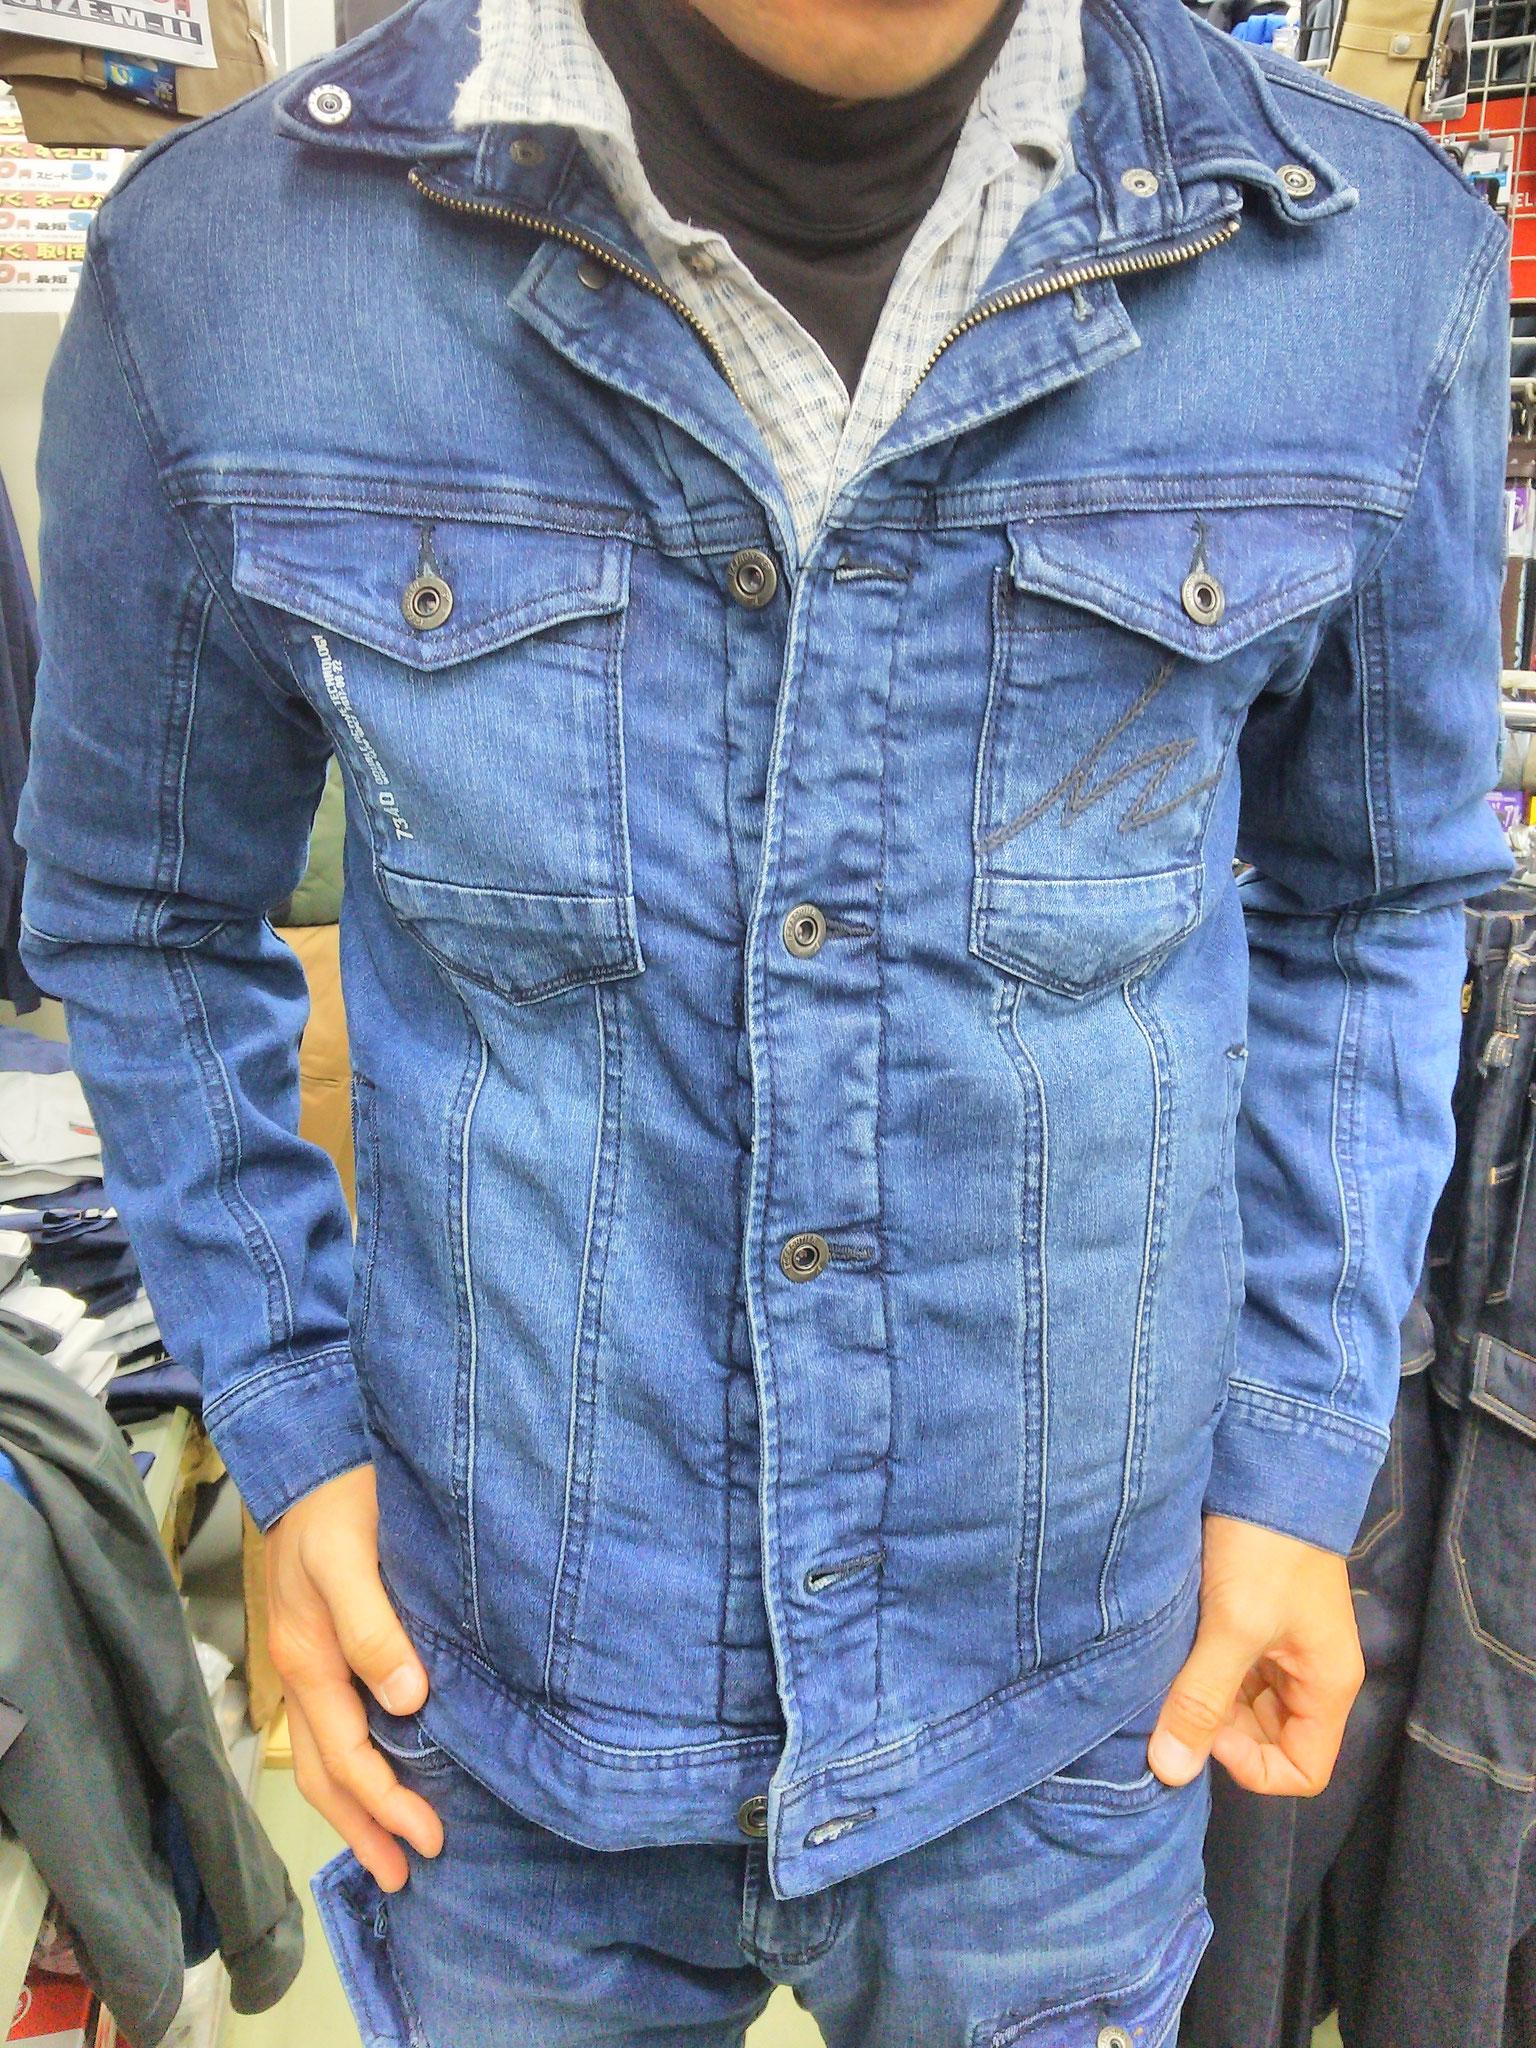 I'Z FRONTIER 7340 SERIES ~アイズフロンティア~ 着てみました。身長180cmの私でも、Lサイズでぴったりフィットします。